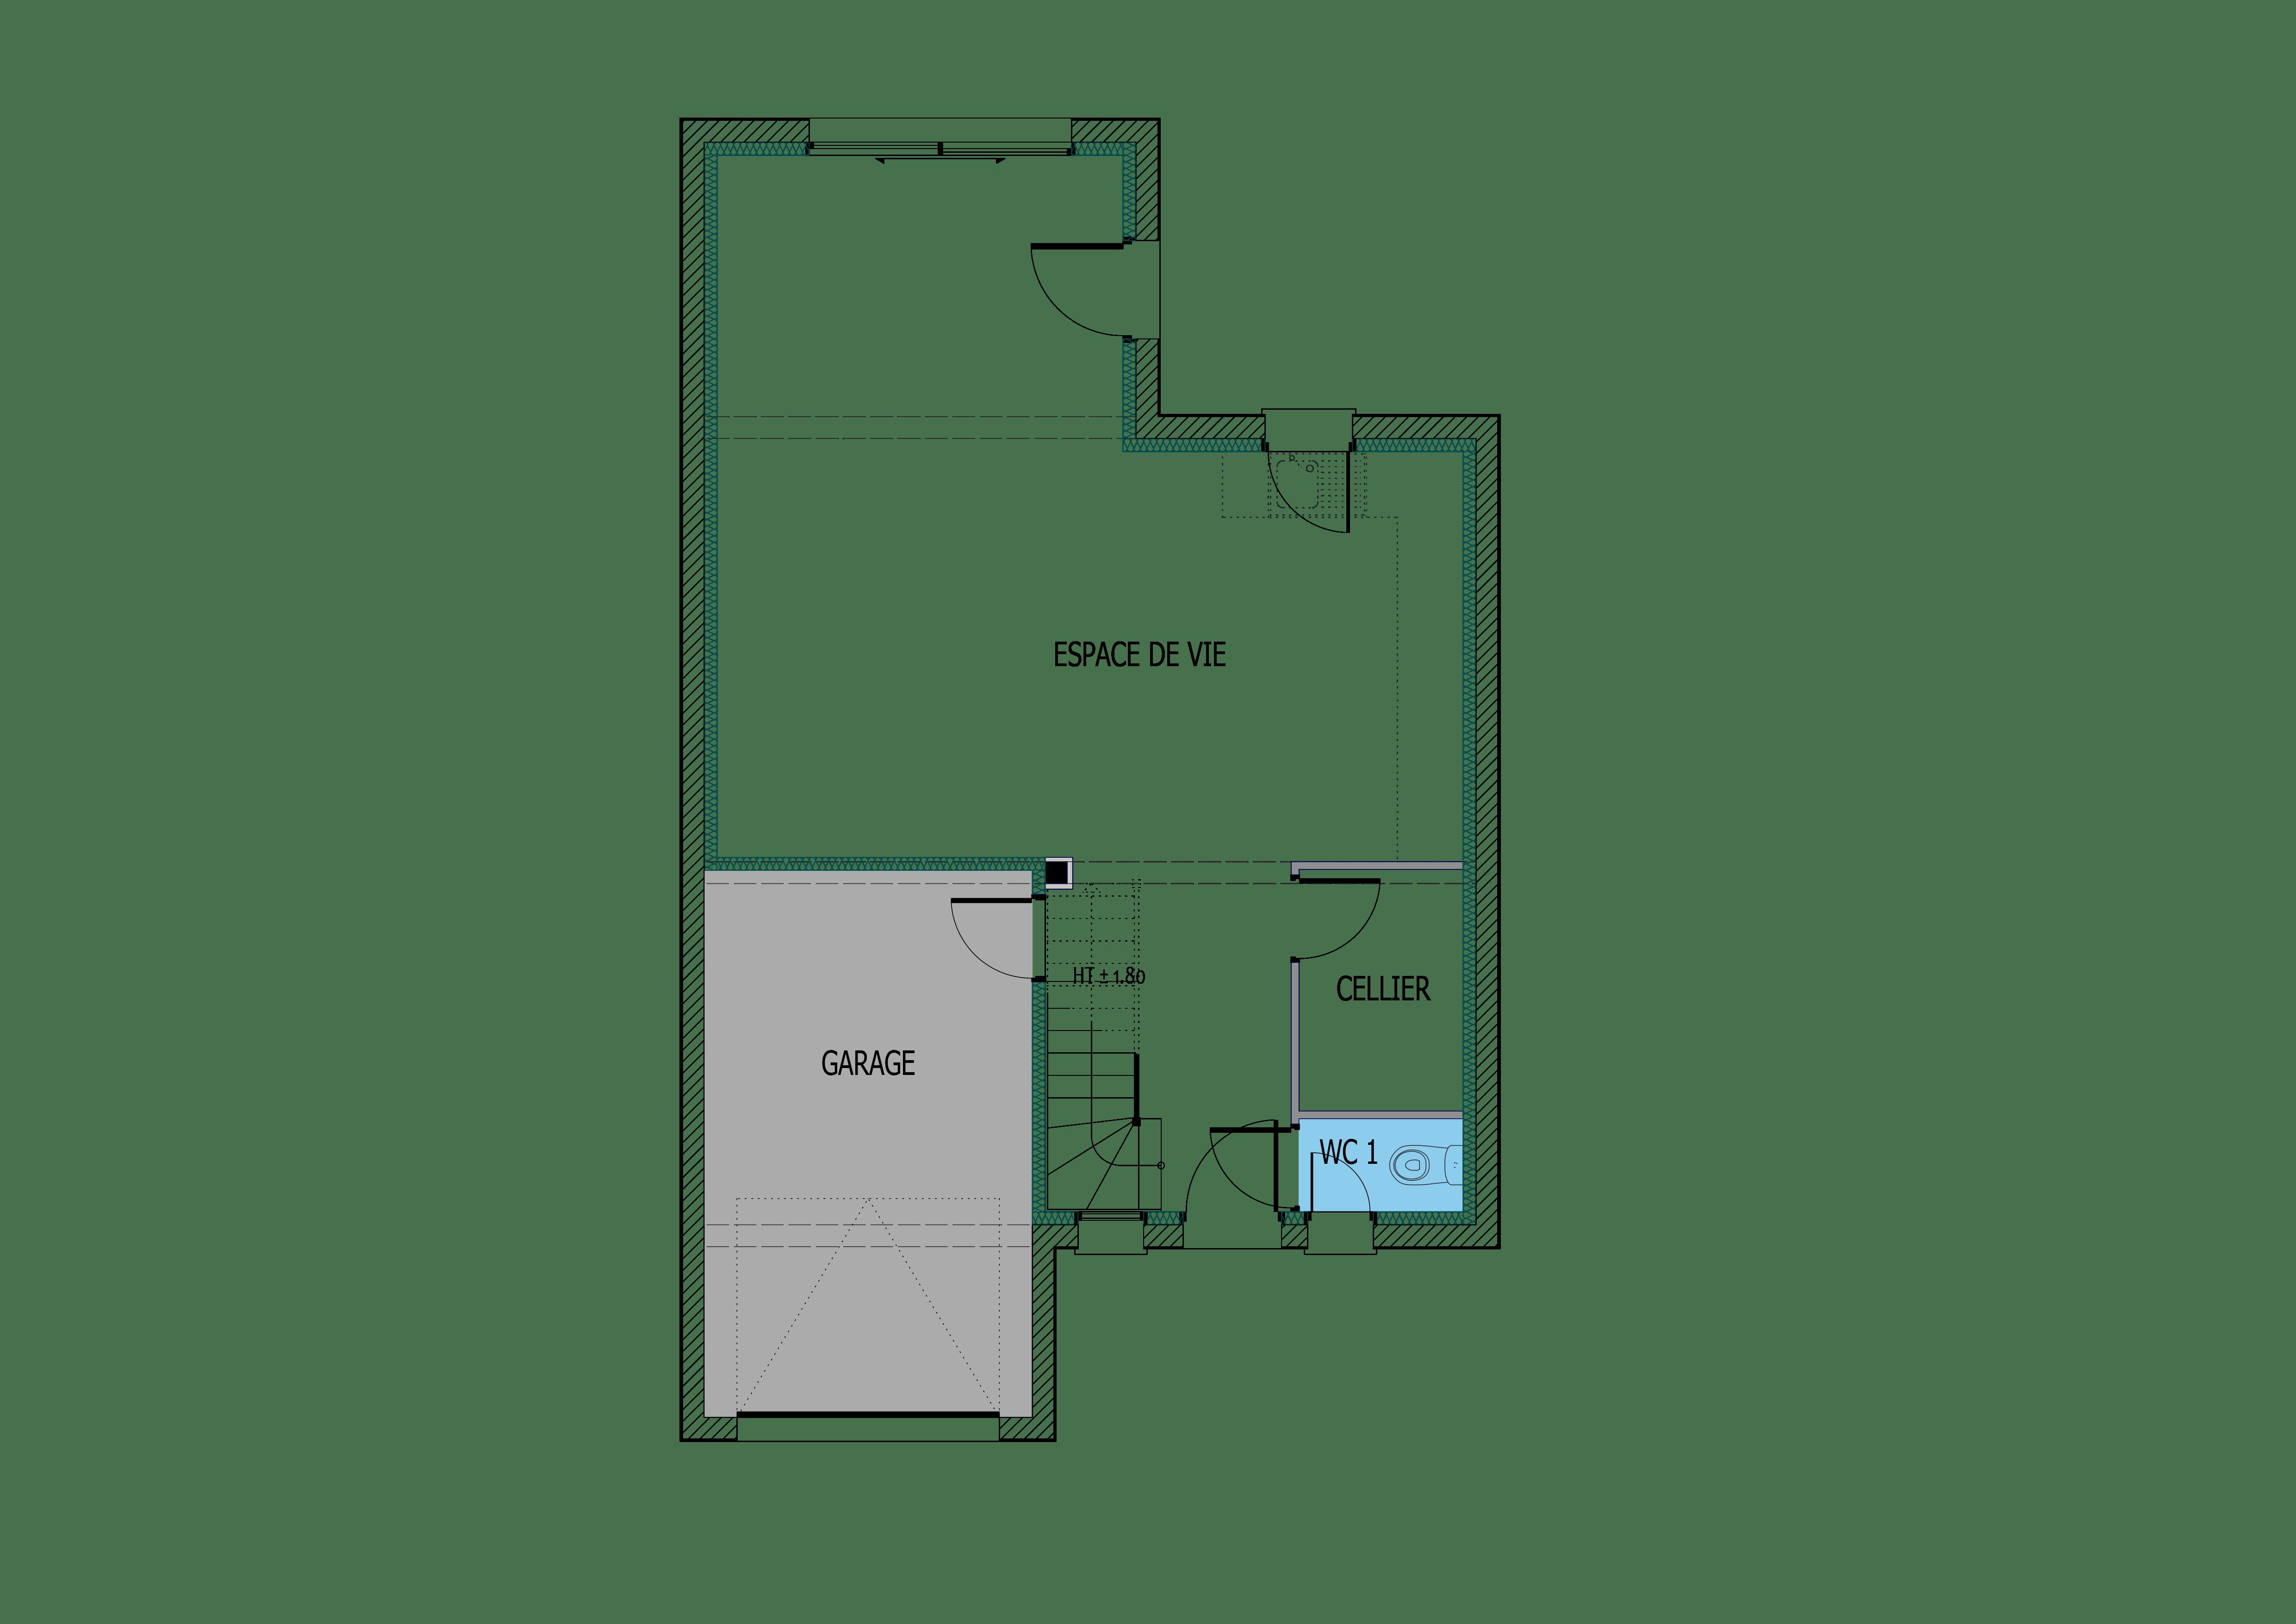 PA1902_SICILE_88_PLAN_COULEUR_RDC.png